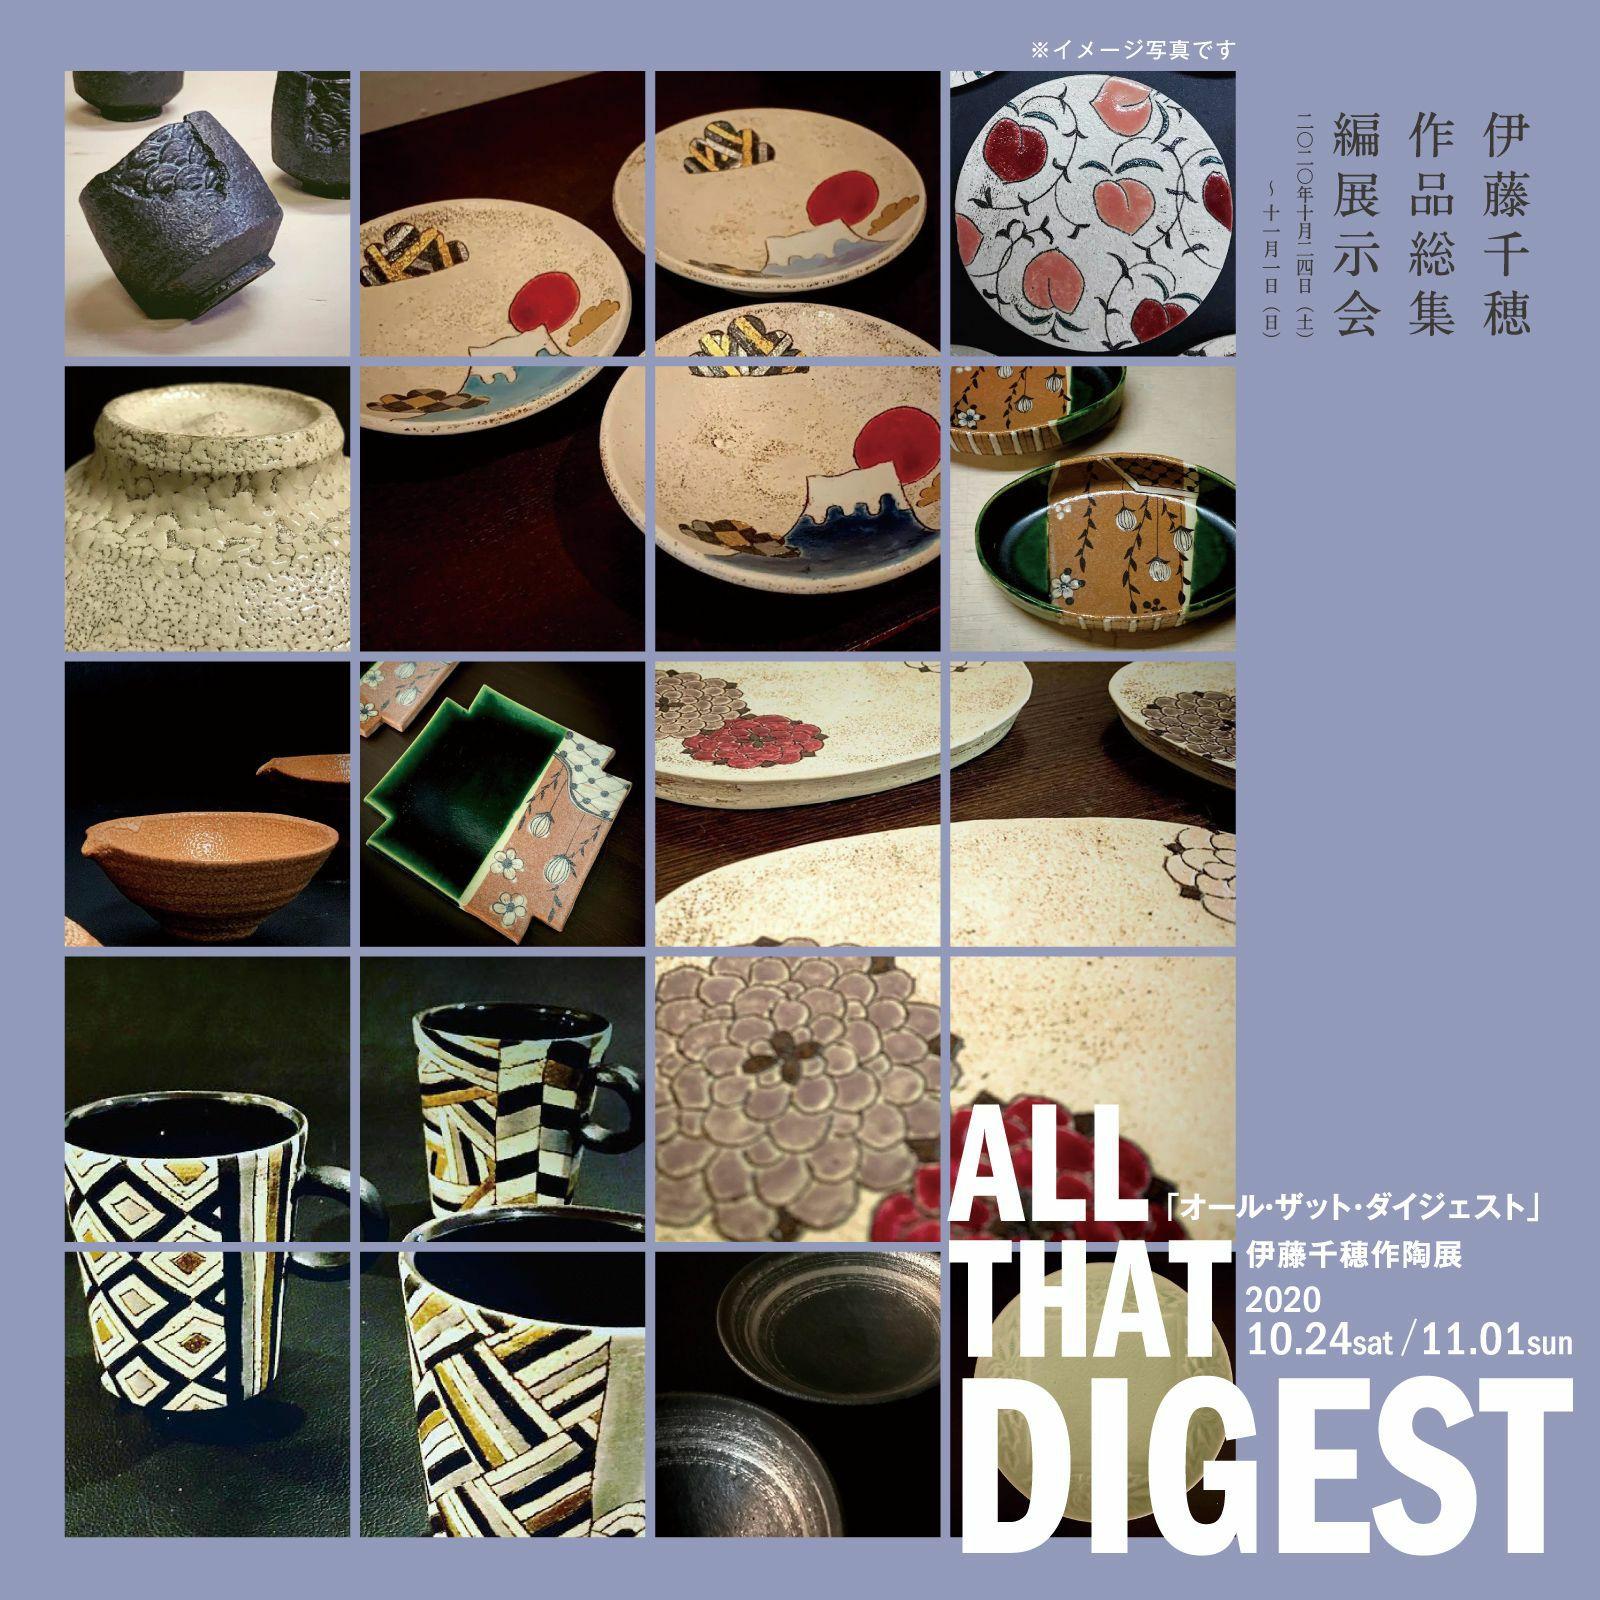 伊藤千穂作陶展「ALL THAT DIGEST」